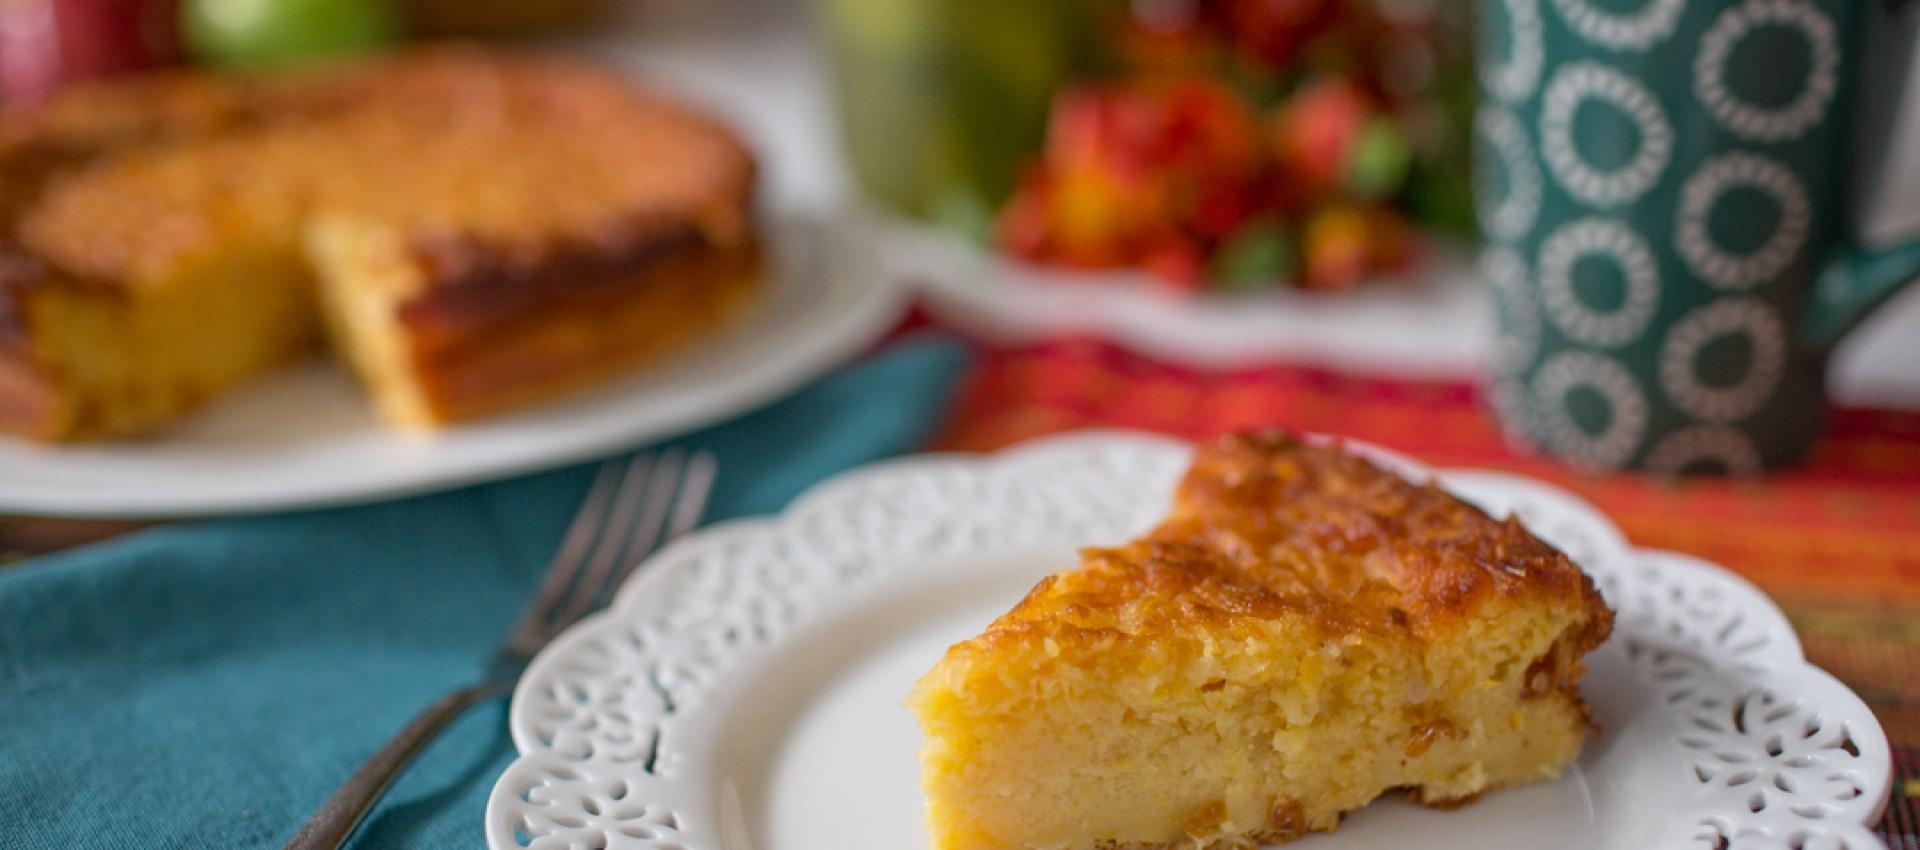 Corn Bread Casserole Image